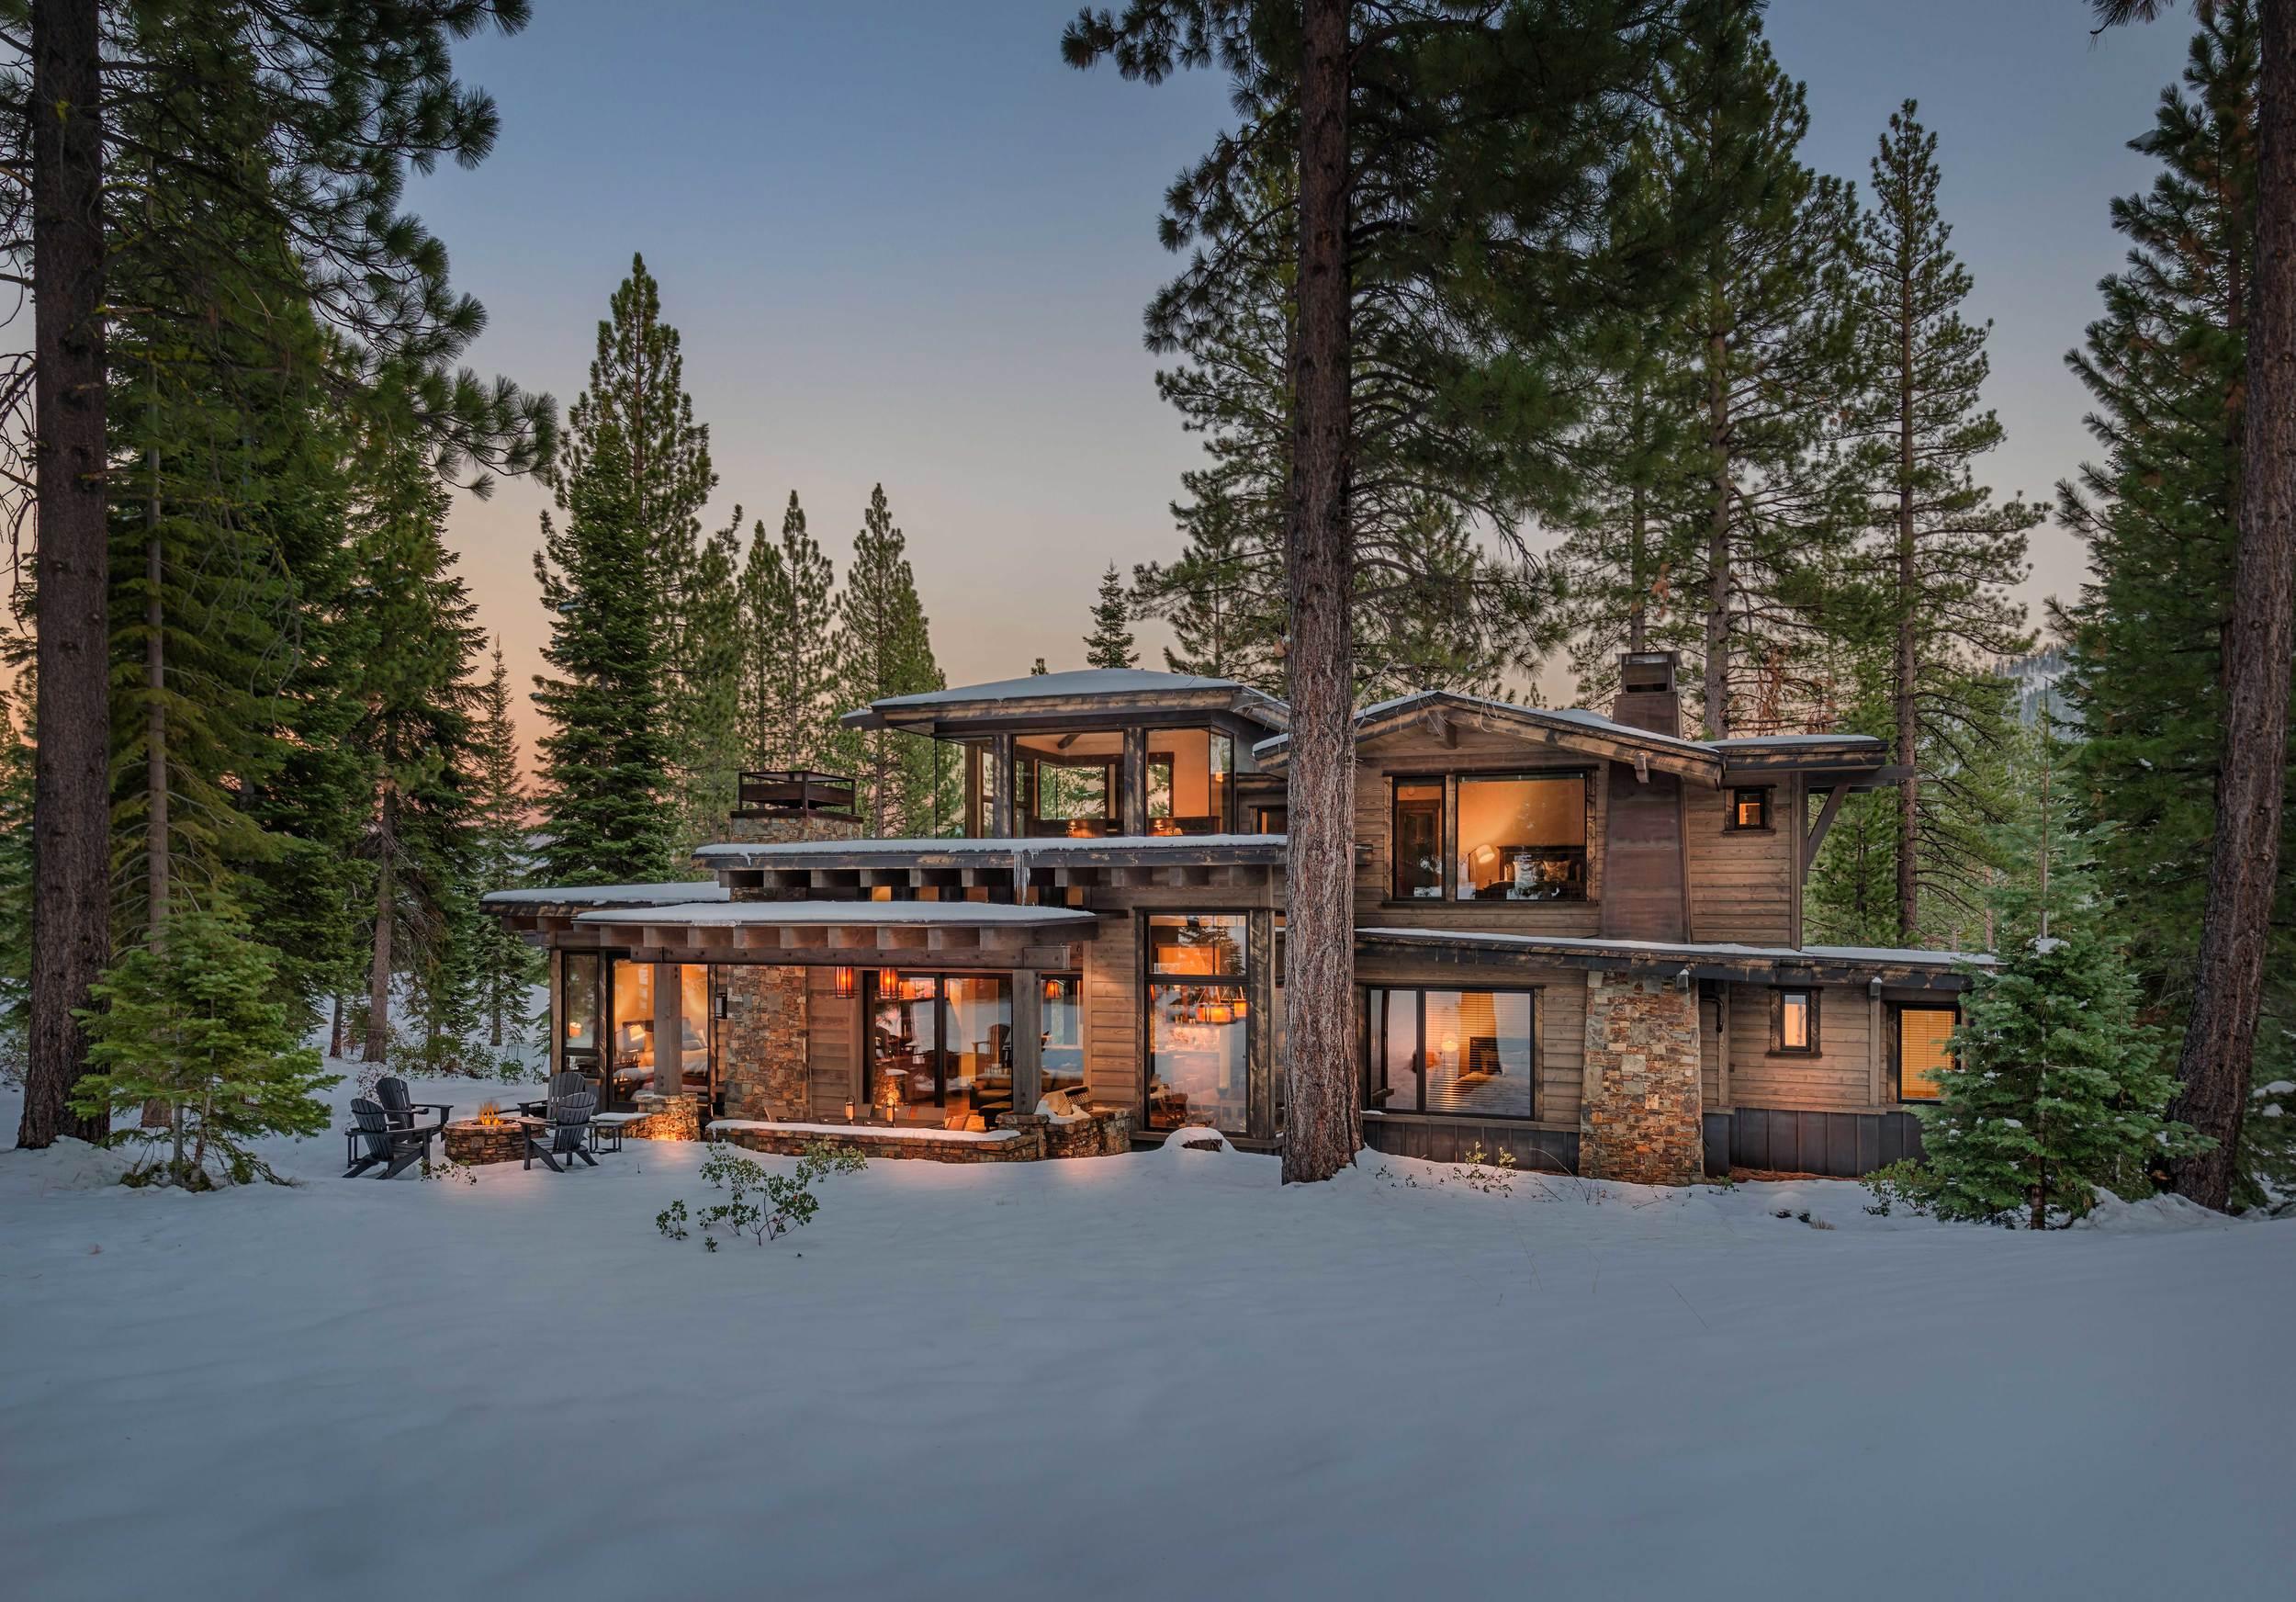 Lodge-Cabin-287.jpg